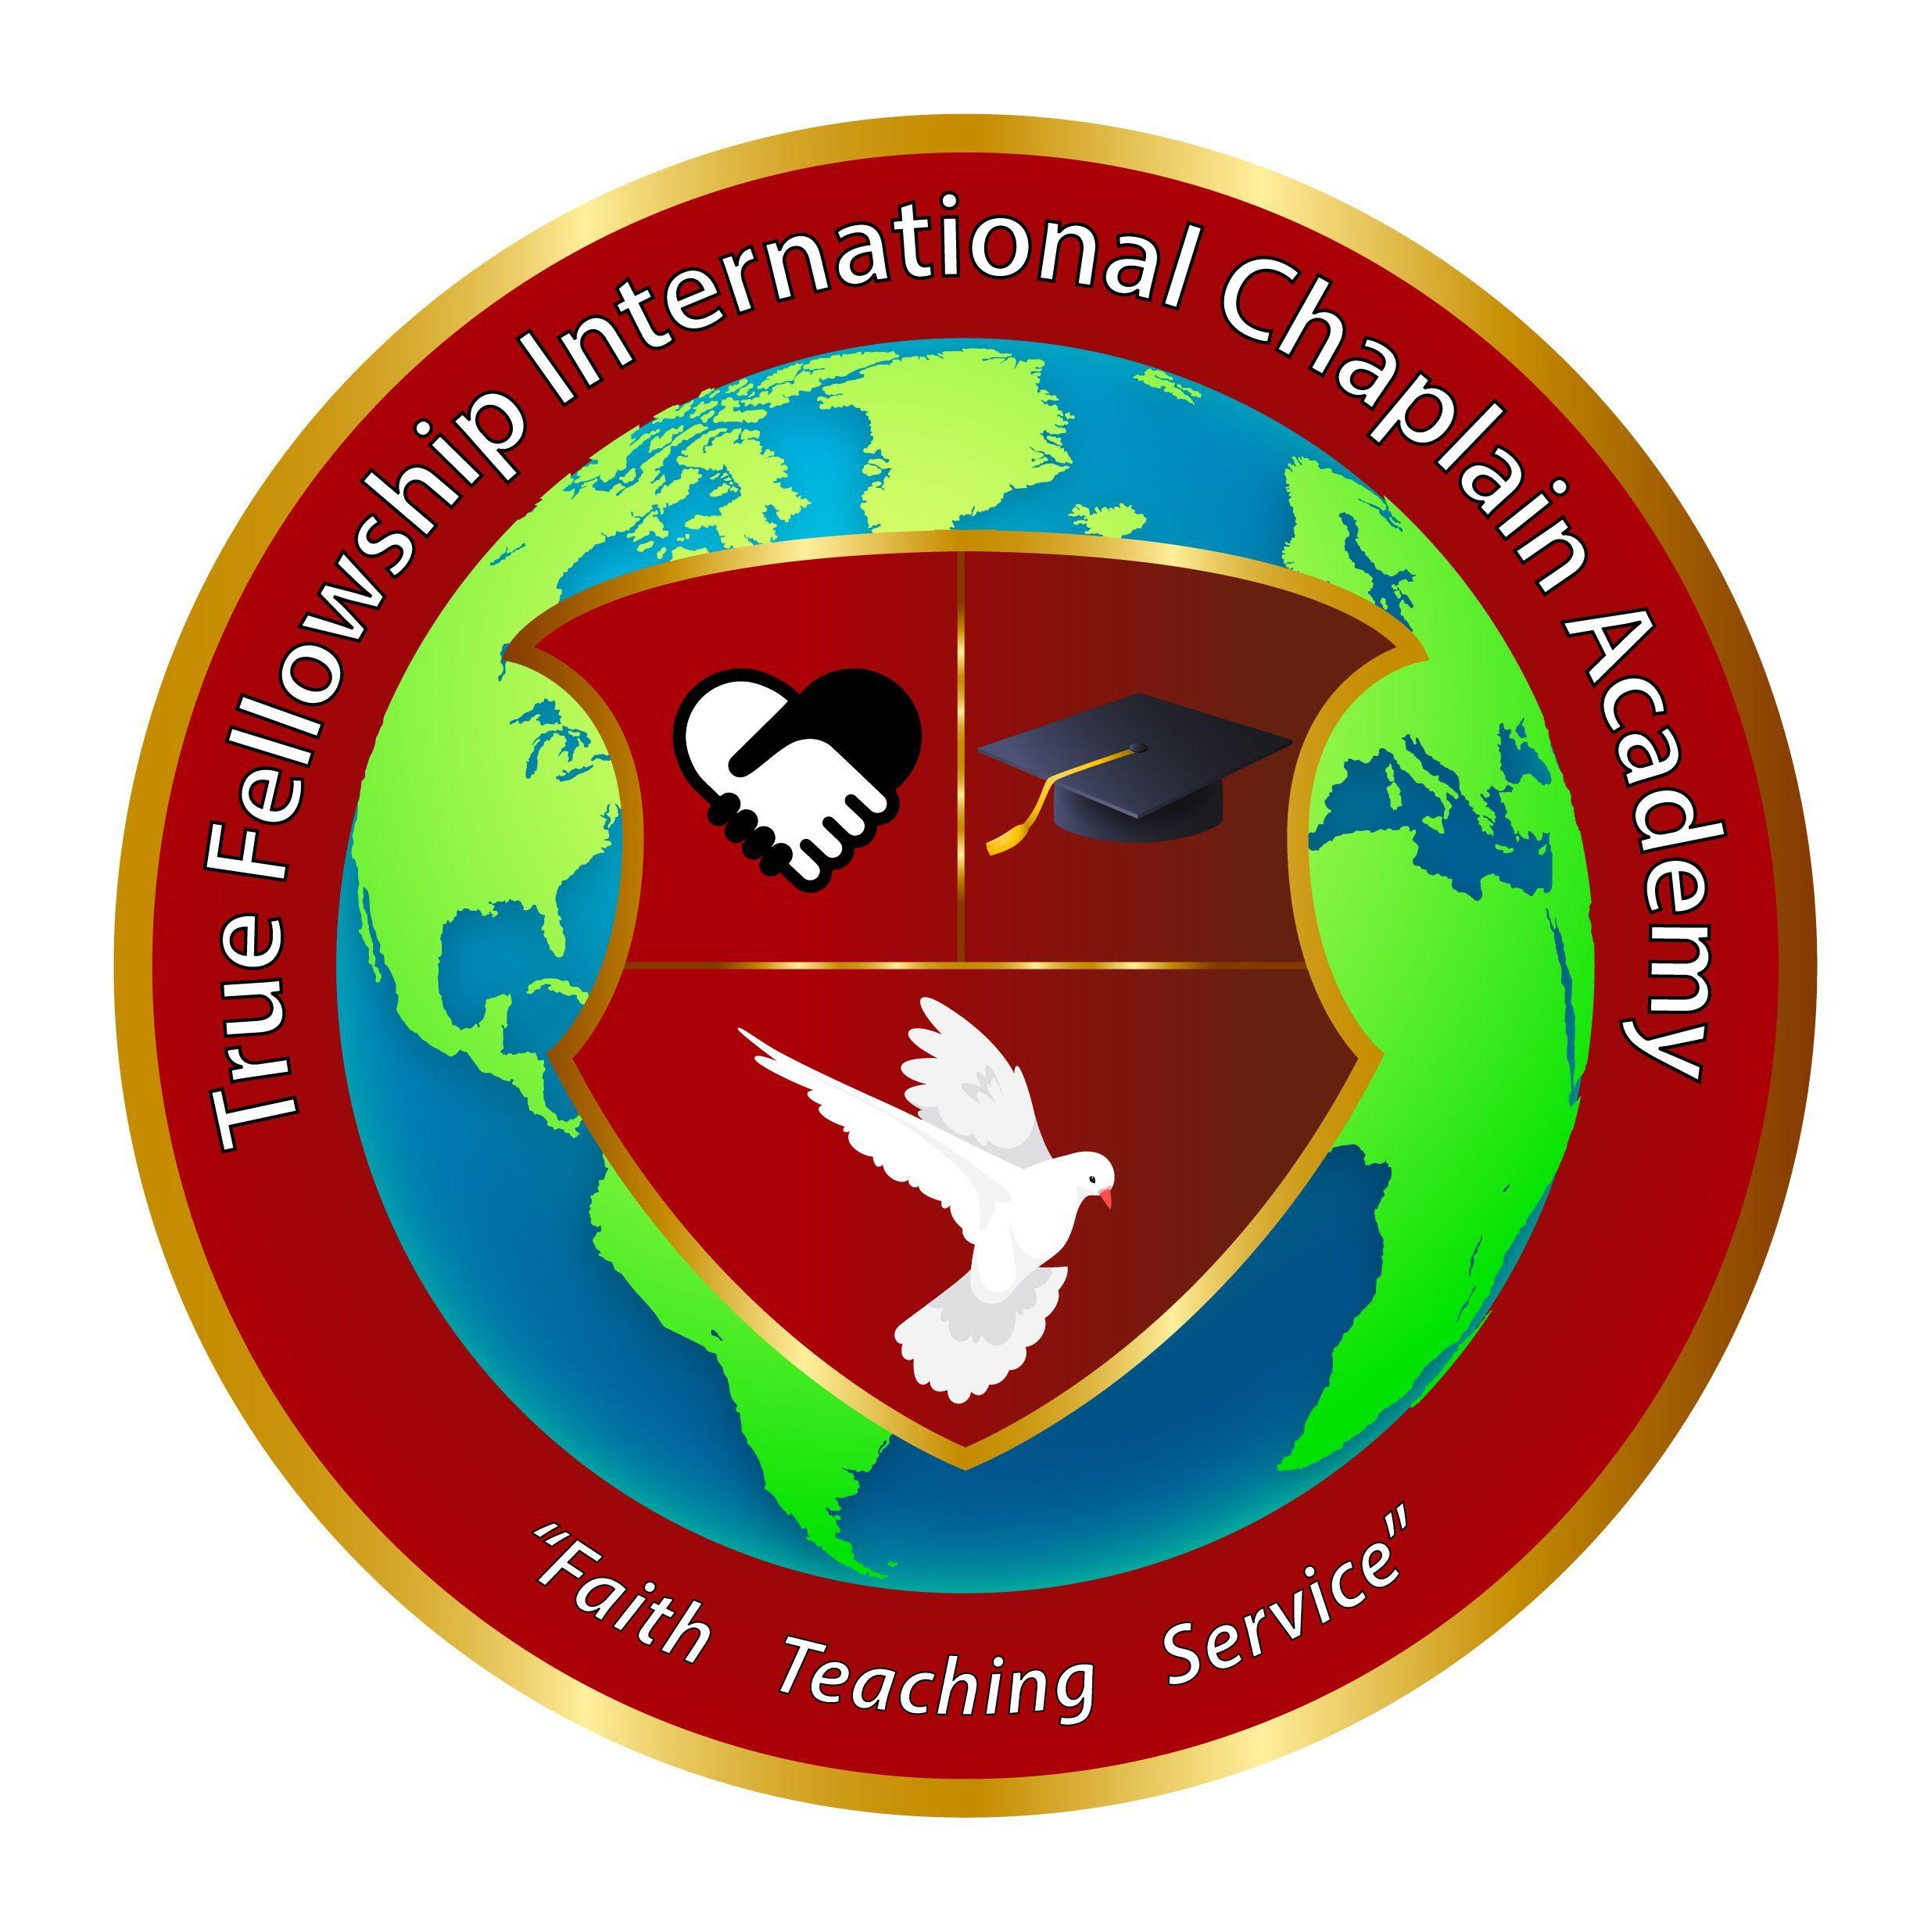 True Fellowship International Chaplain Academy